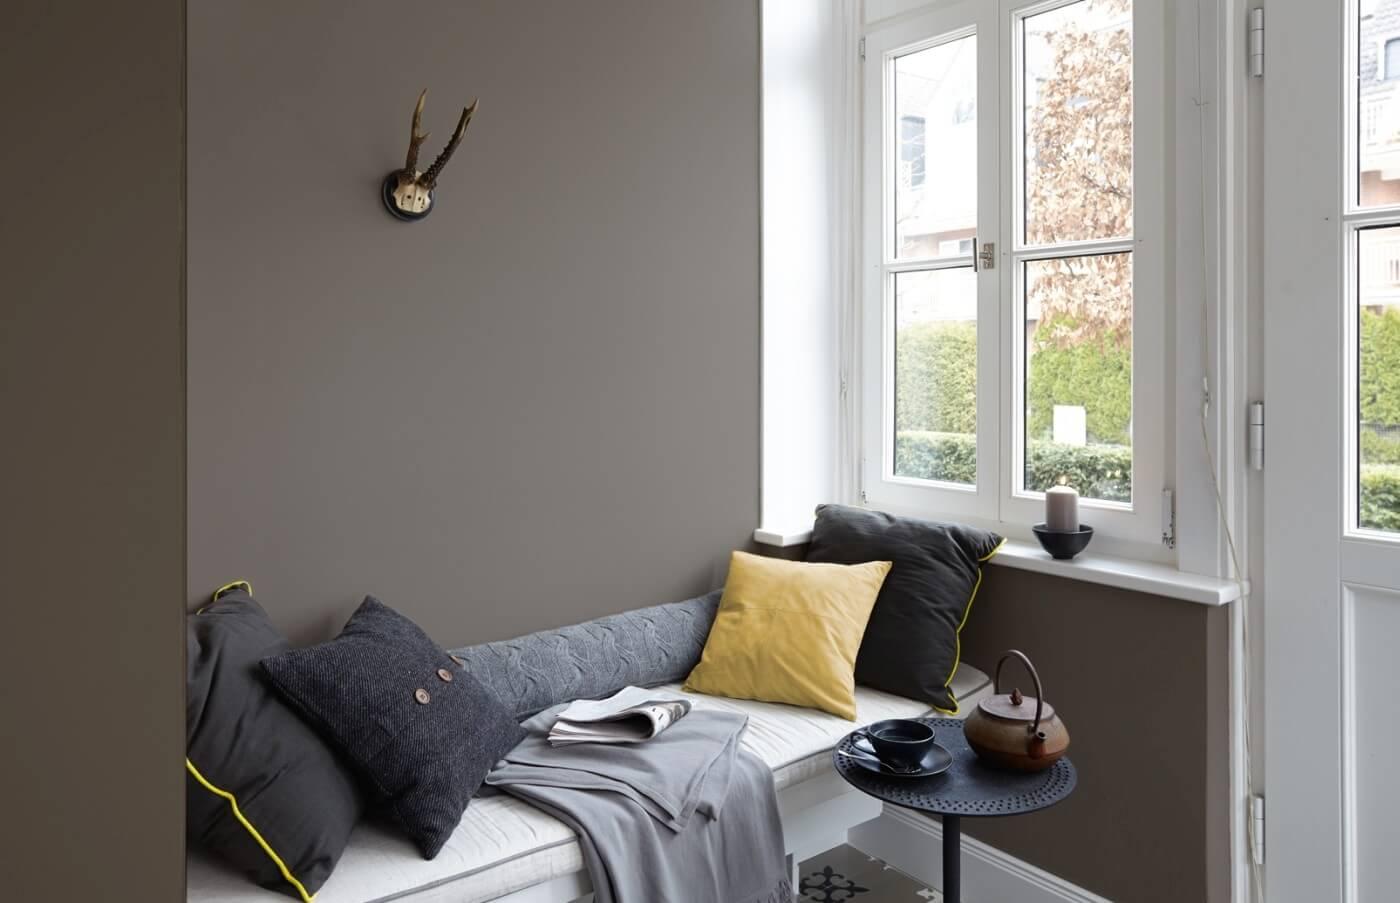 neu wandfarben trends wandfarben ideen gestaltungs tipps. Black Bedroom Furniture Sets. Home Design Ideas